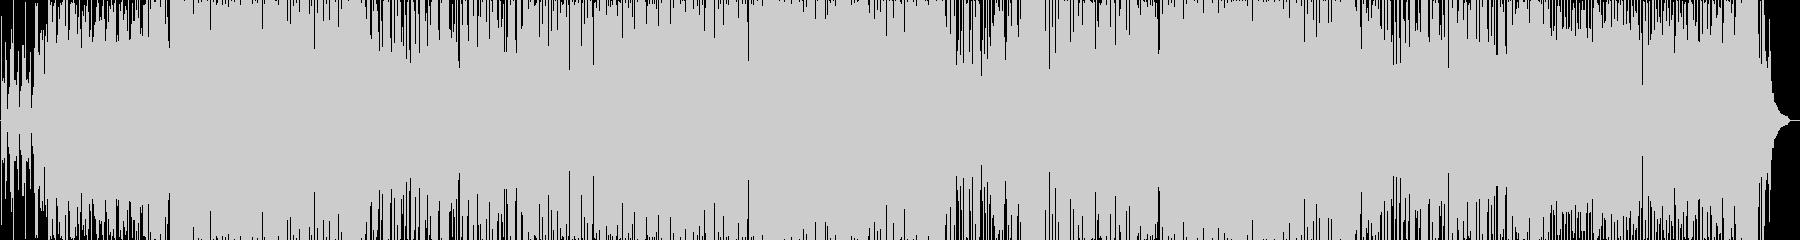 おしゃれ風味ジャズエレクトロの未再生の波形